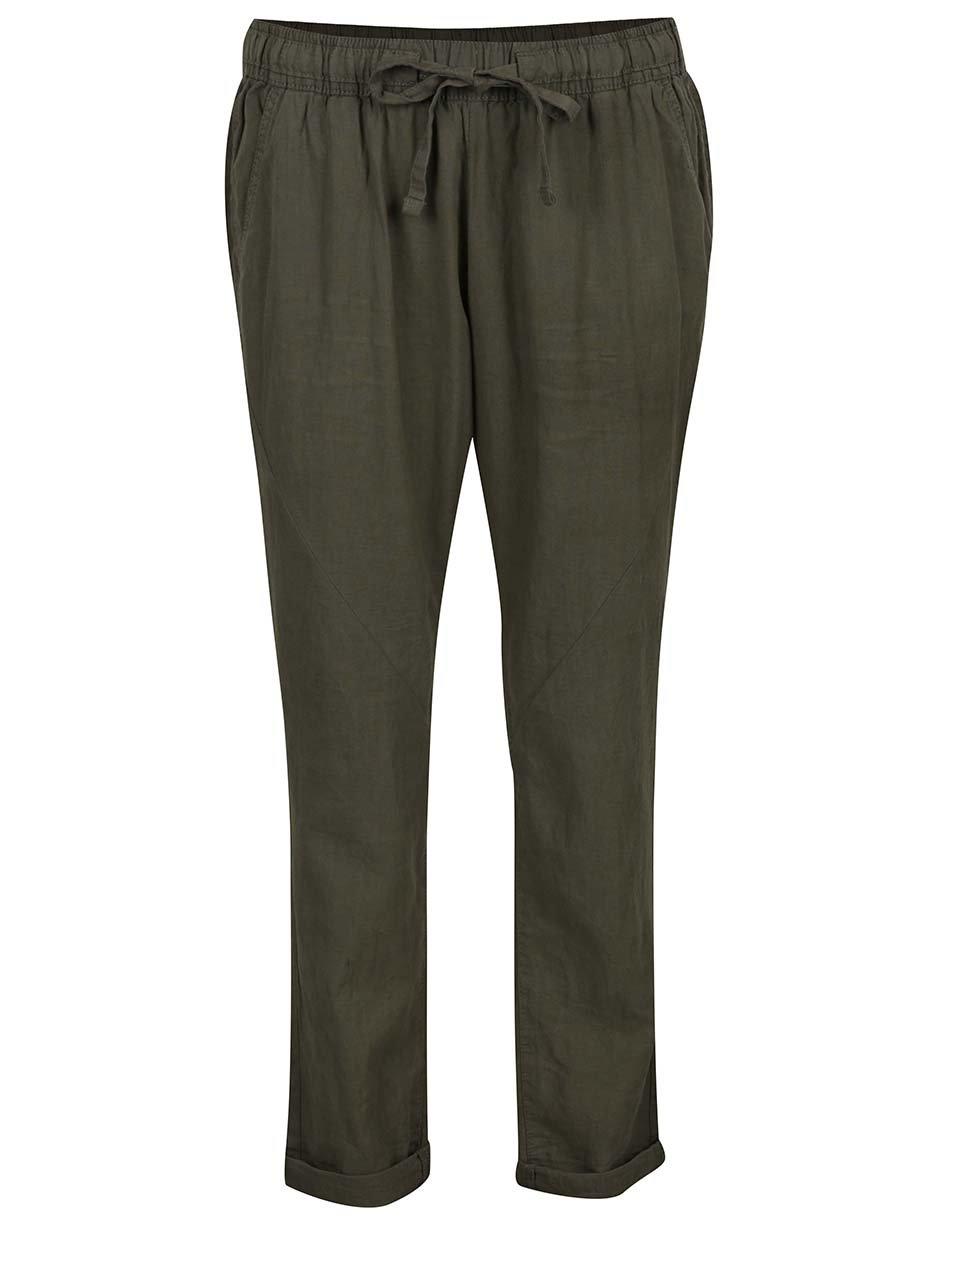 Kaki dámske voľné ľanové nohavice s pružným pásom QS by s.Oliver